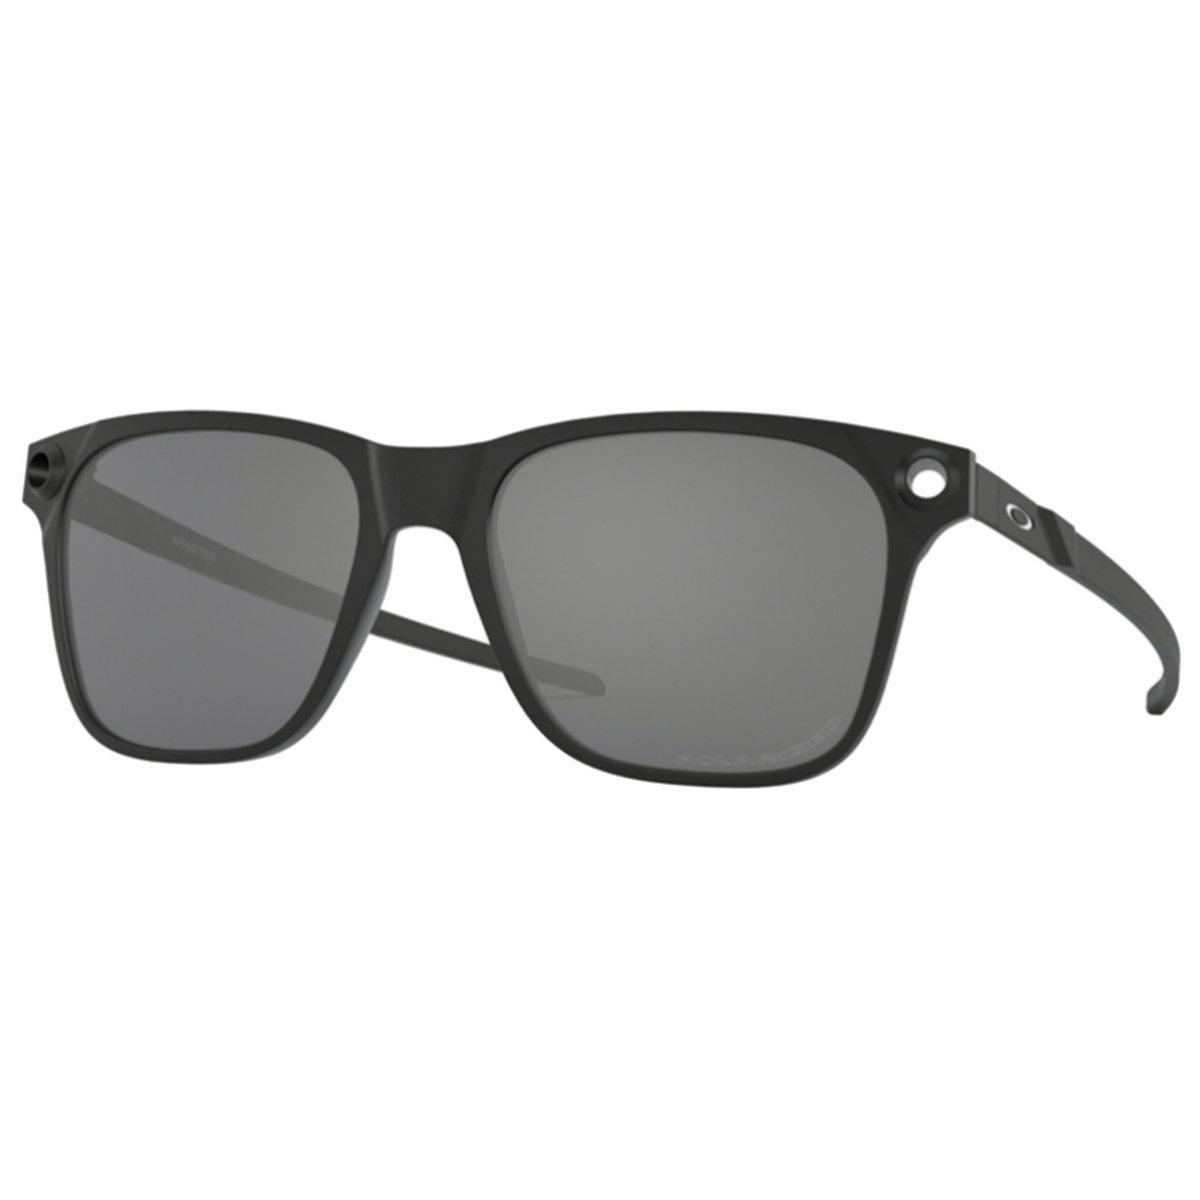 8ec497fec Compre Óculos de Sol Oakley Apparition em 10X | Tri-Jóia Shop